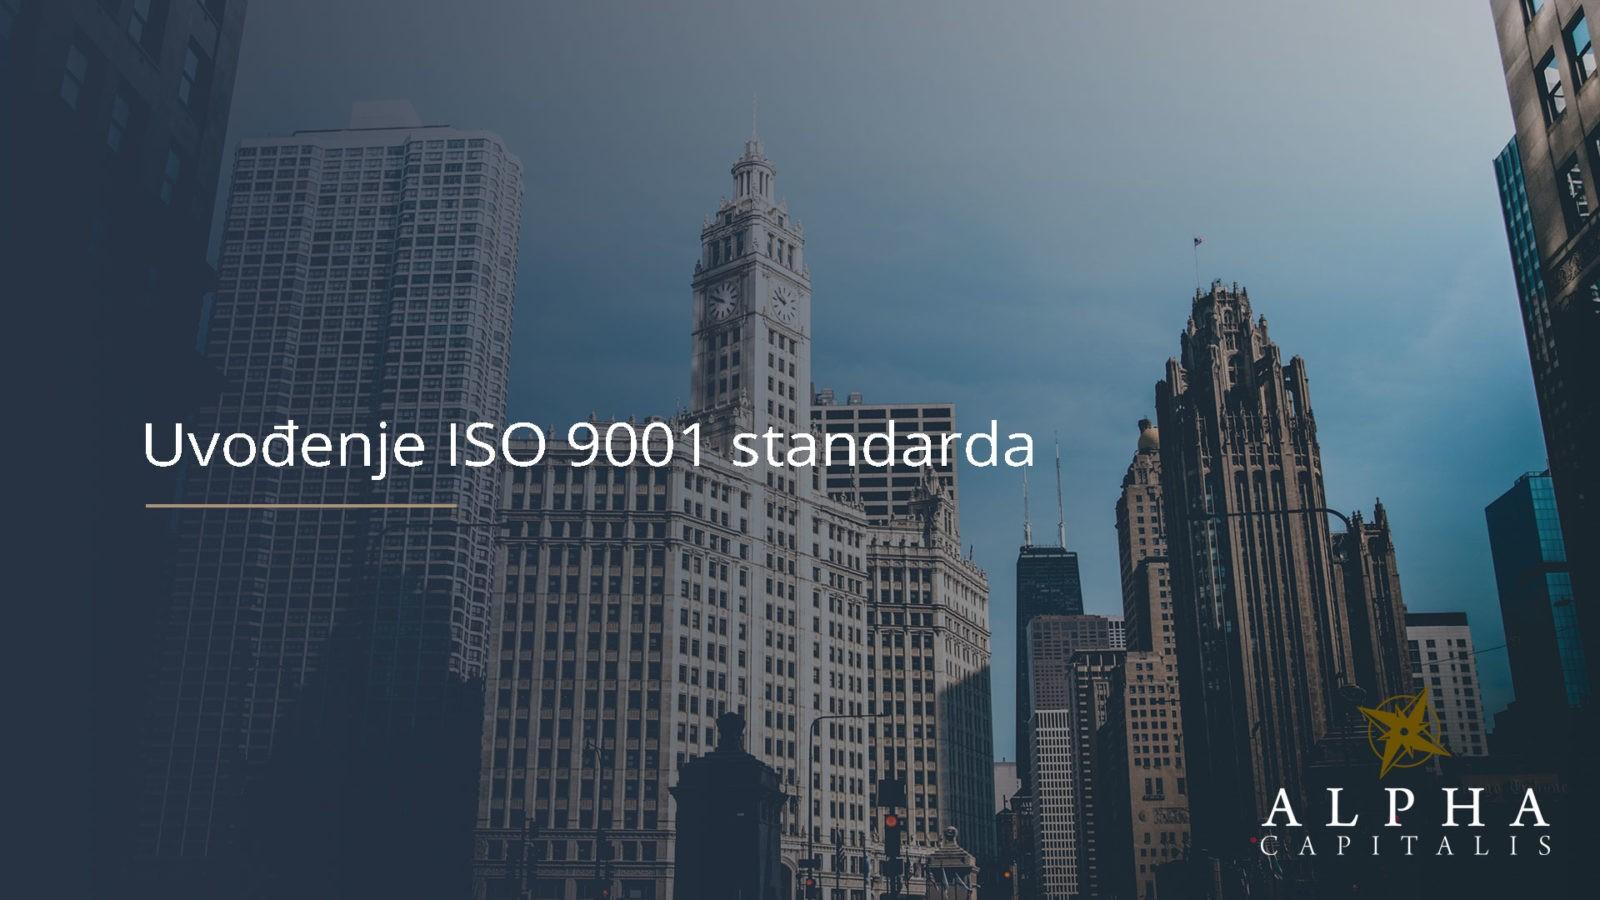 Uvodenje ISO 9001 standarda - Uvođenje ISO 9001 standarda